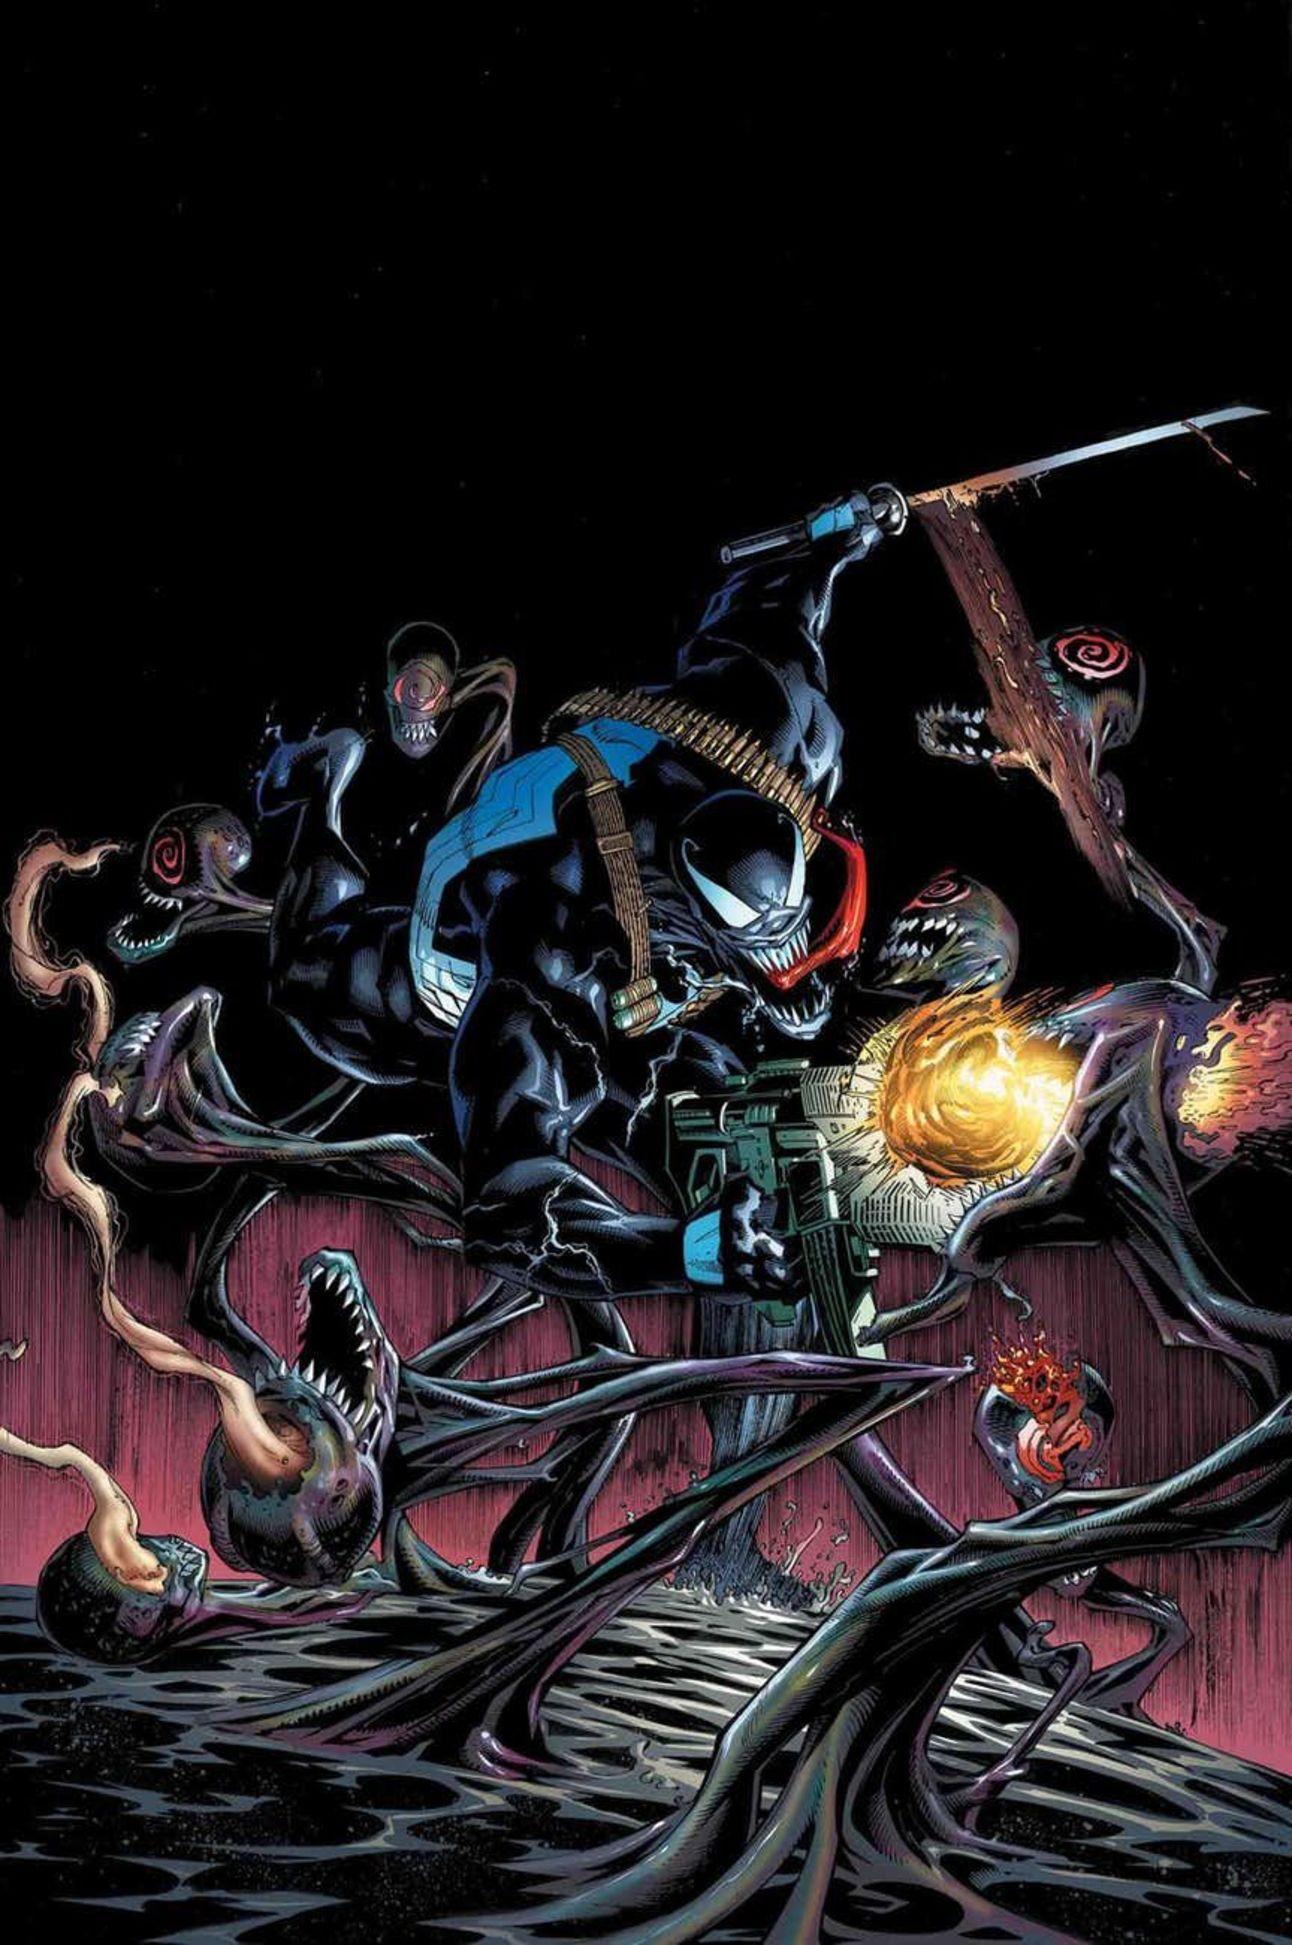 MarvelSeptember26